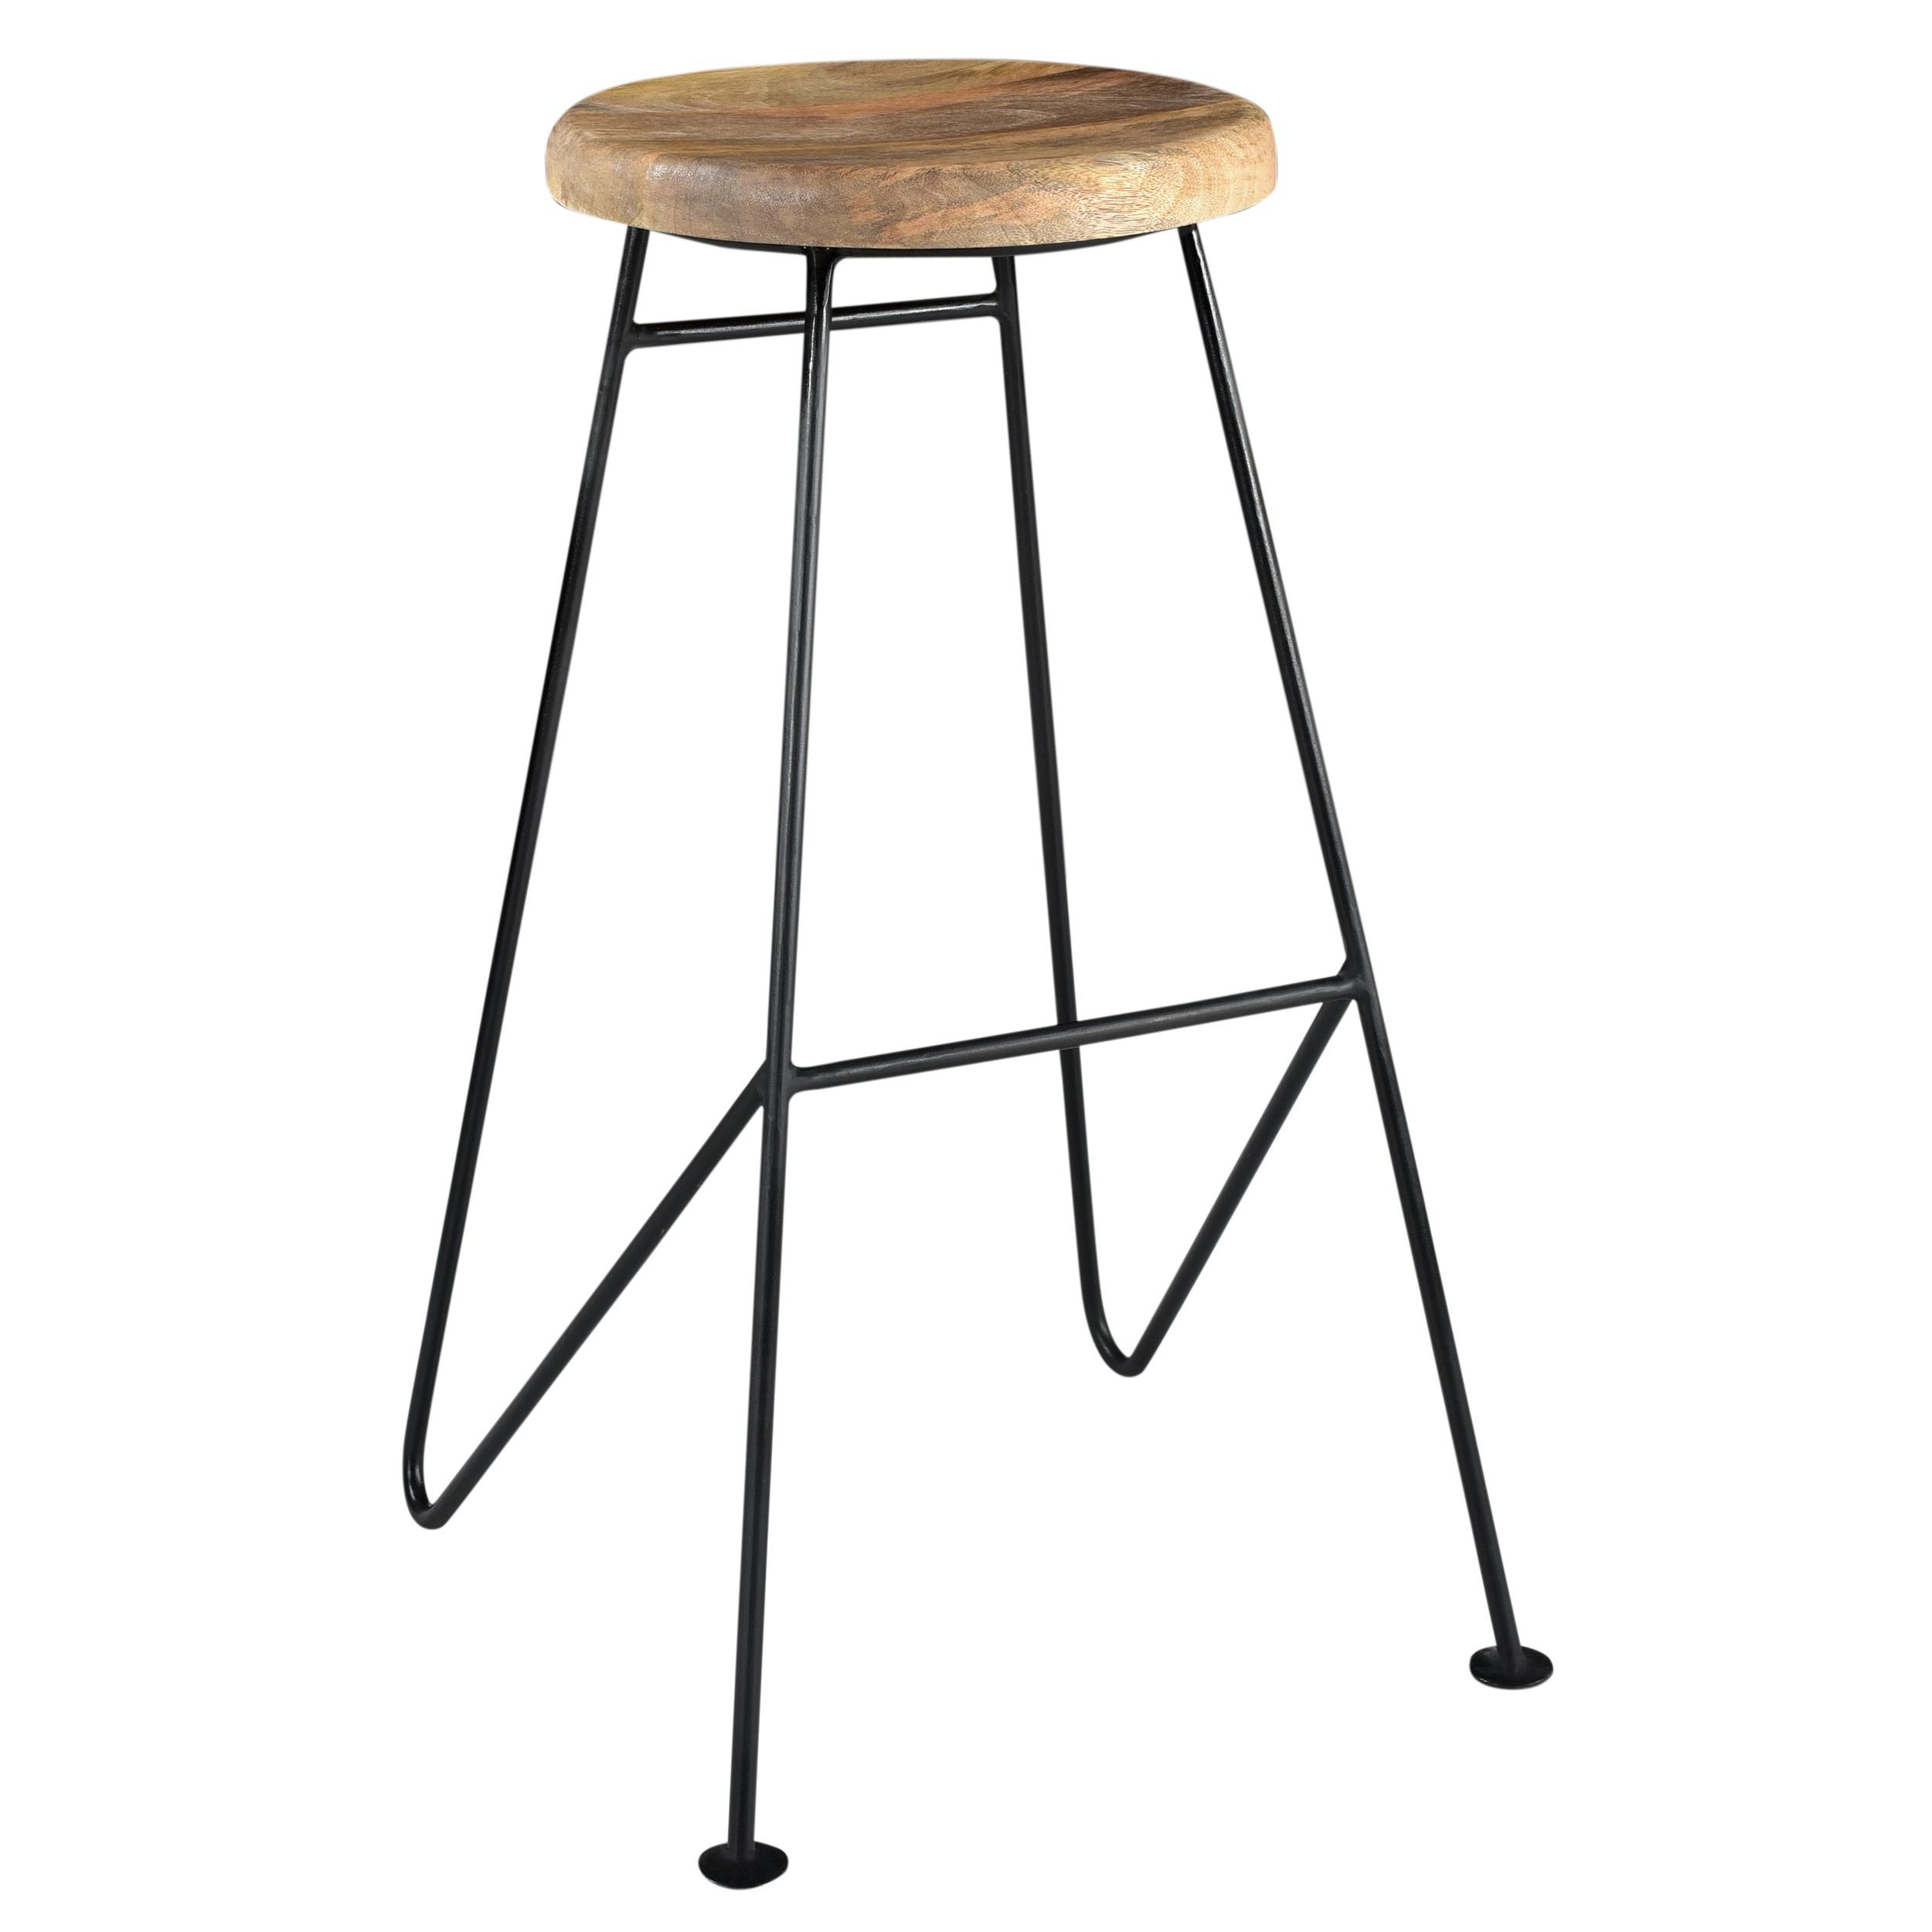 tabouret de bar shanti achetez les tabourets de bar shanti design rdv d co. Black Bedroom Furniture Sets. Home Design Ideas